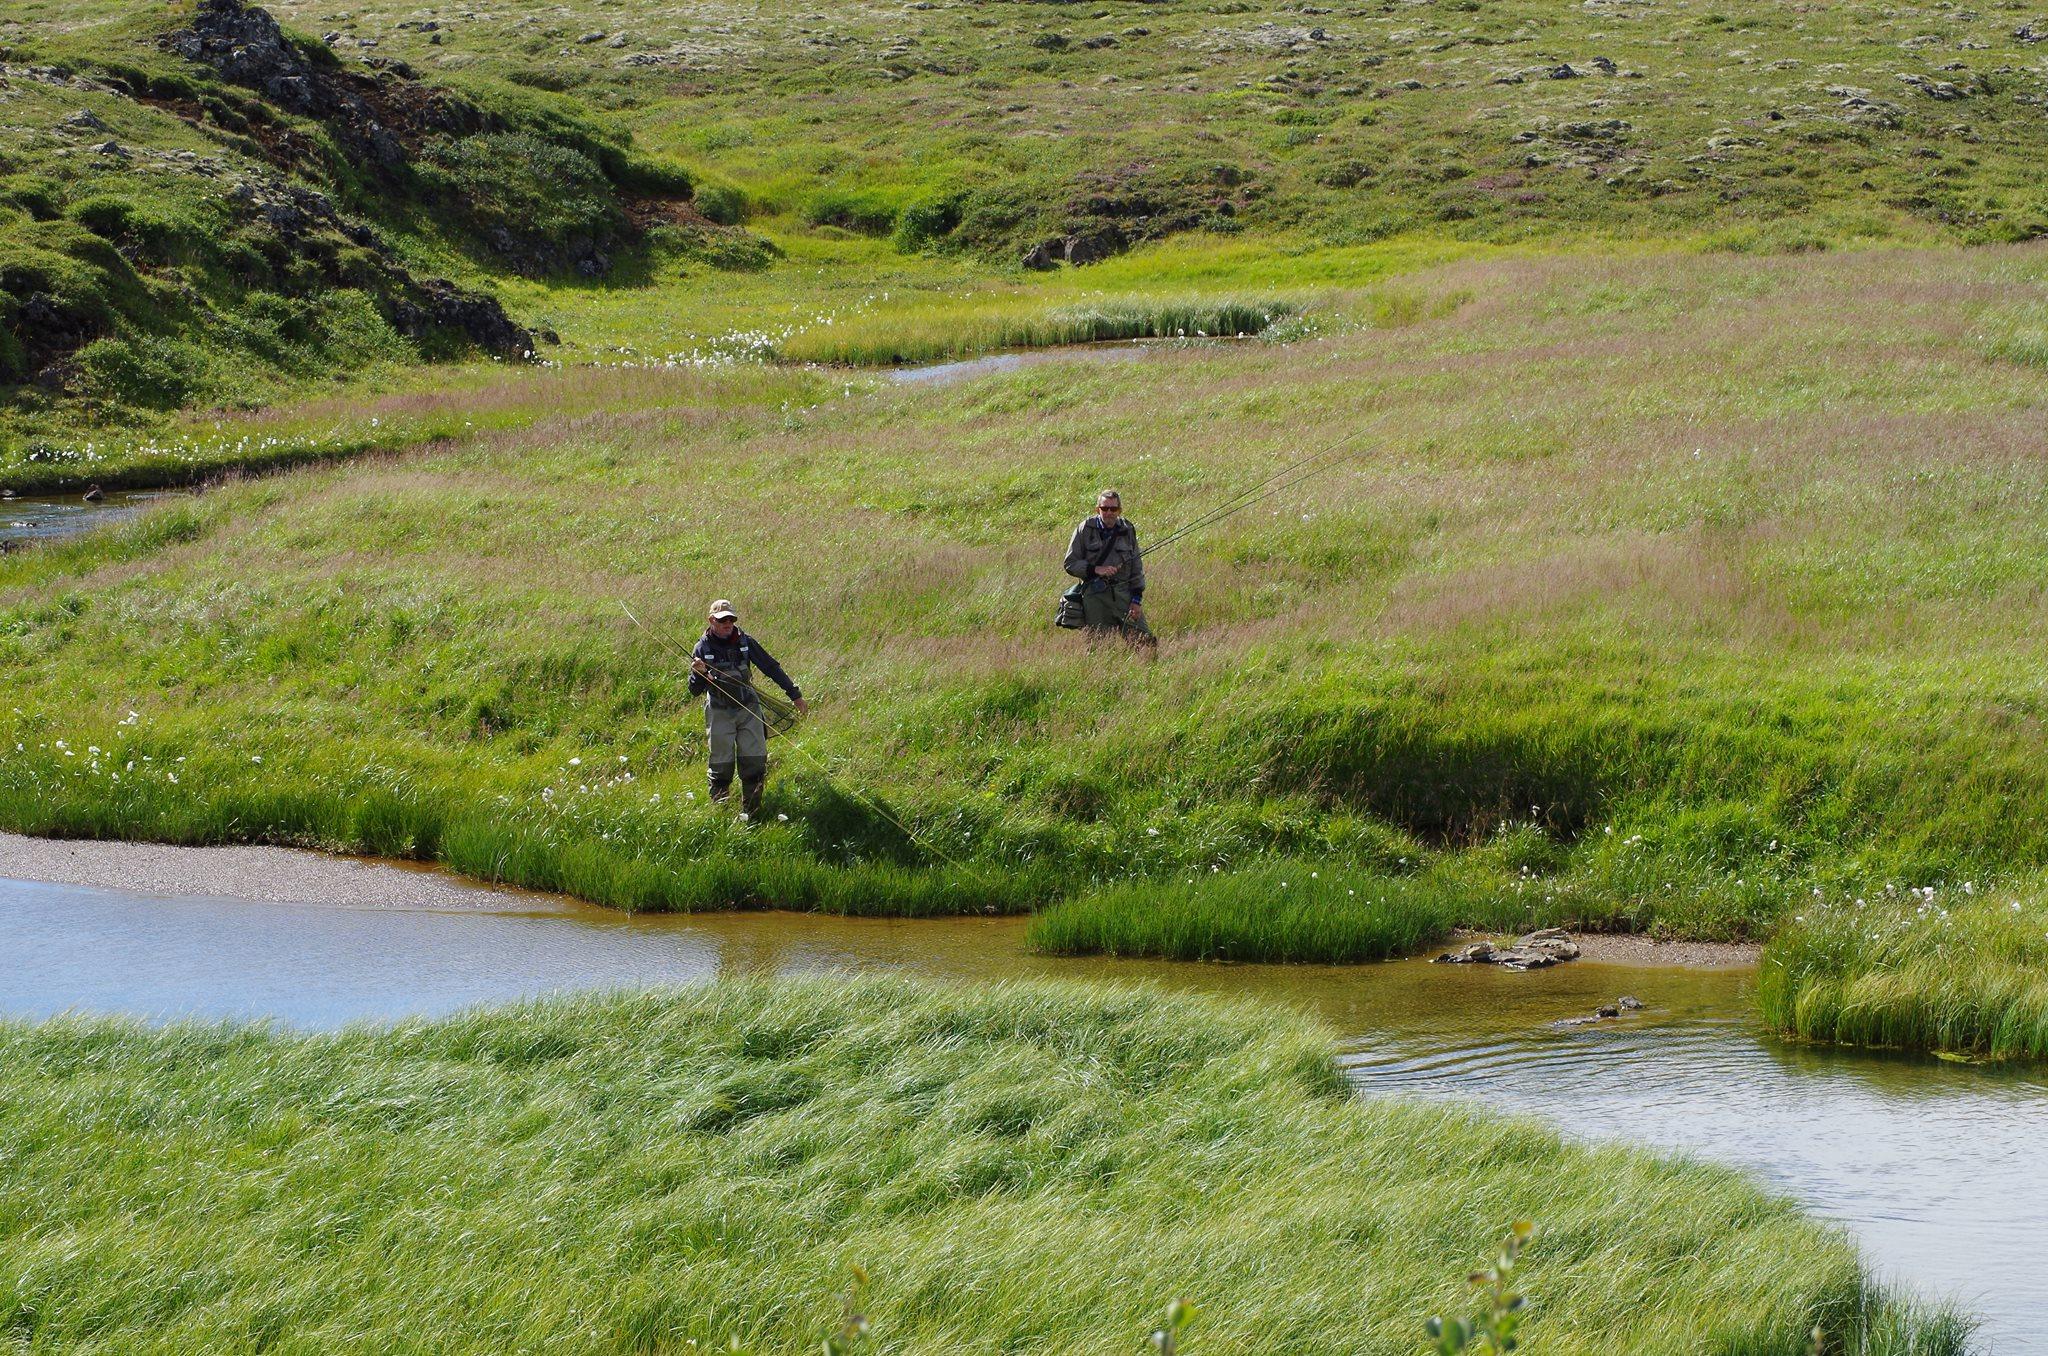 En Islande, deux hommes pêchent près d'un cours d'eau dans la plaine du renard polaire